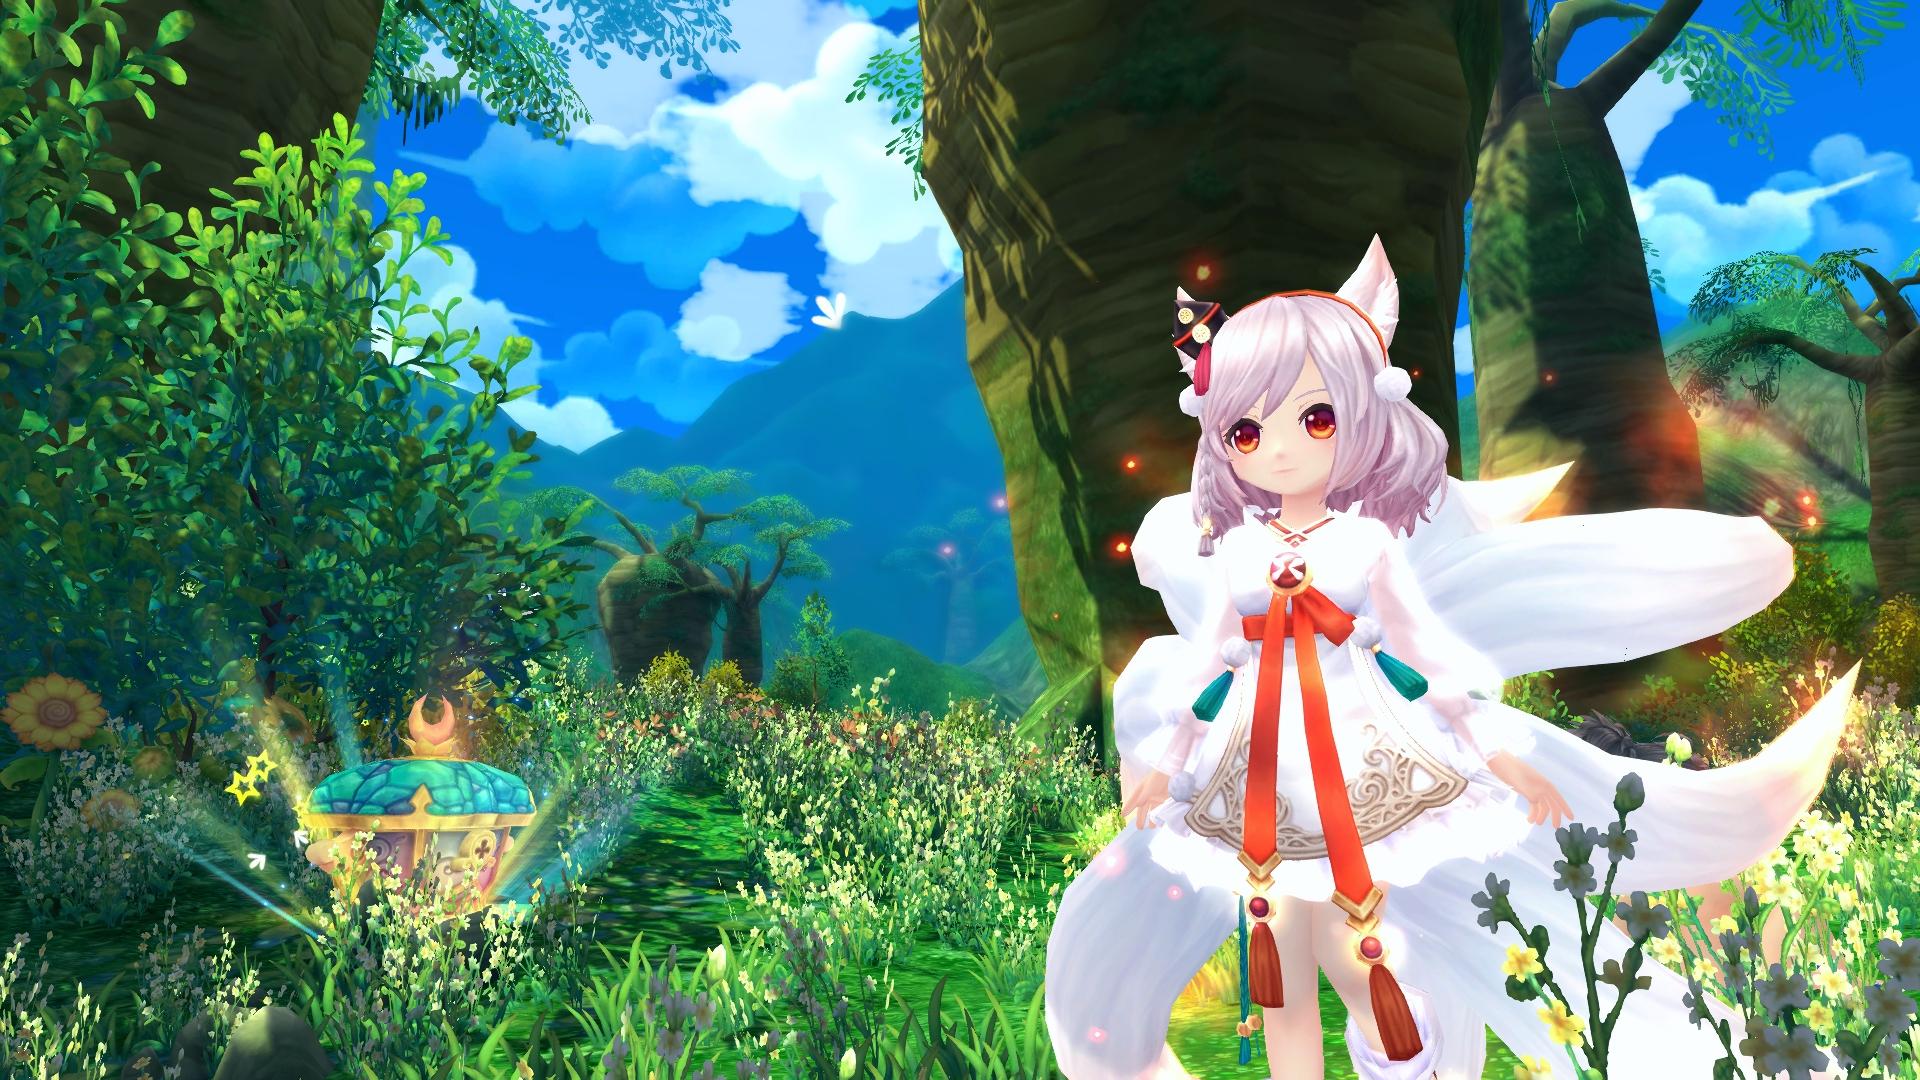 Virtual dating game anime saga